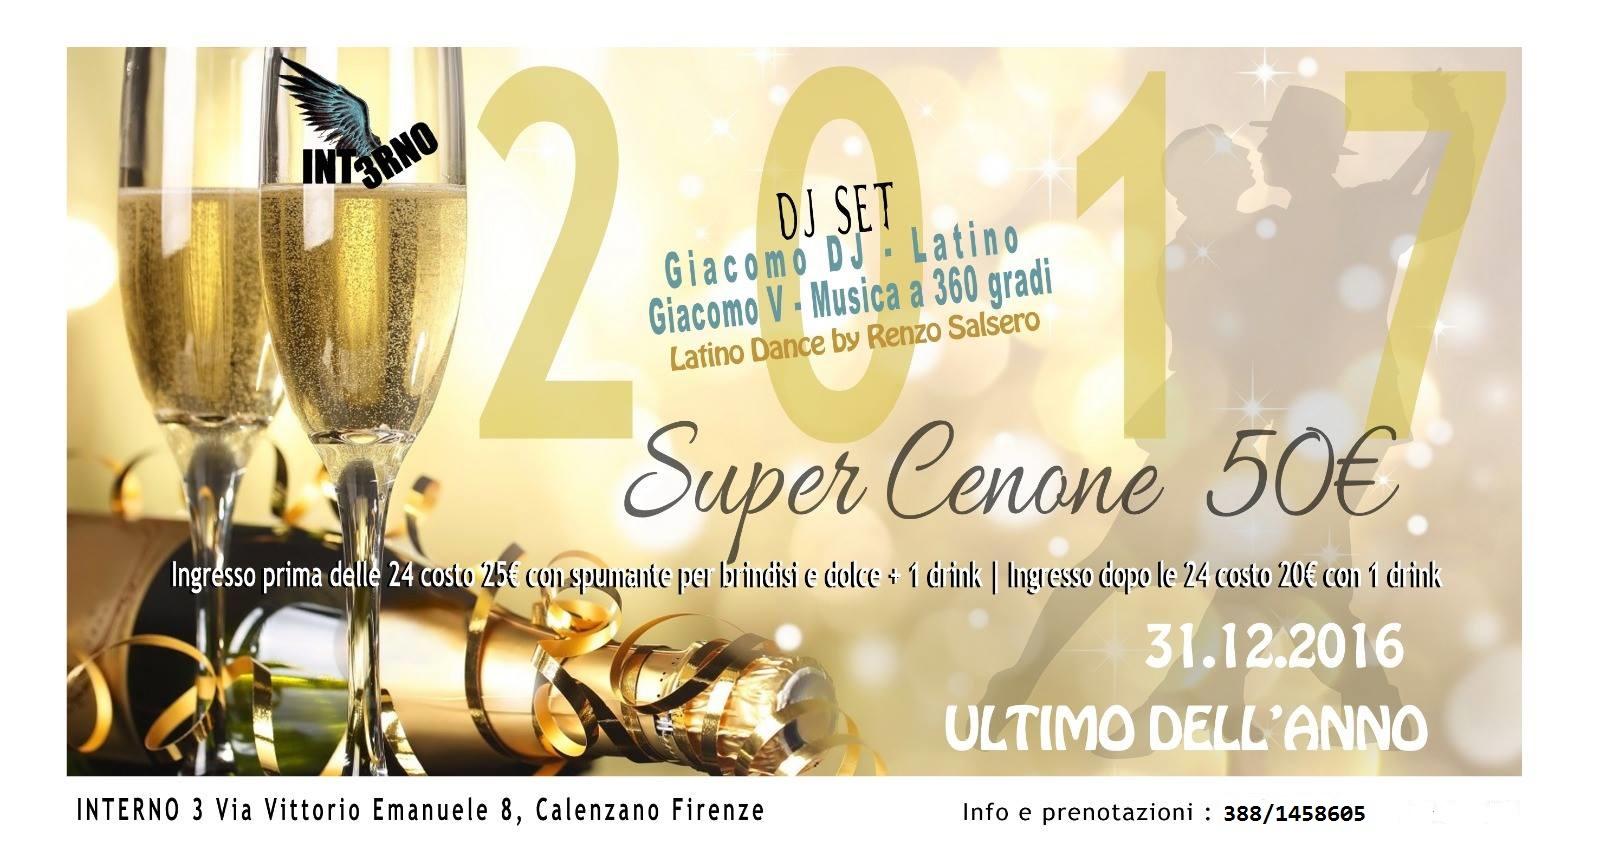 Capodanno interno 3 discoteca a firenze for Interno 3 calenzano